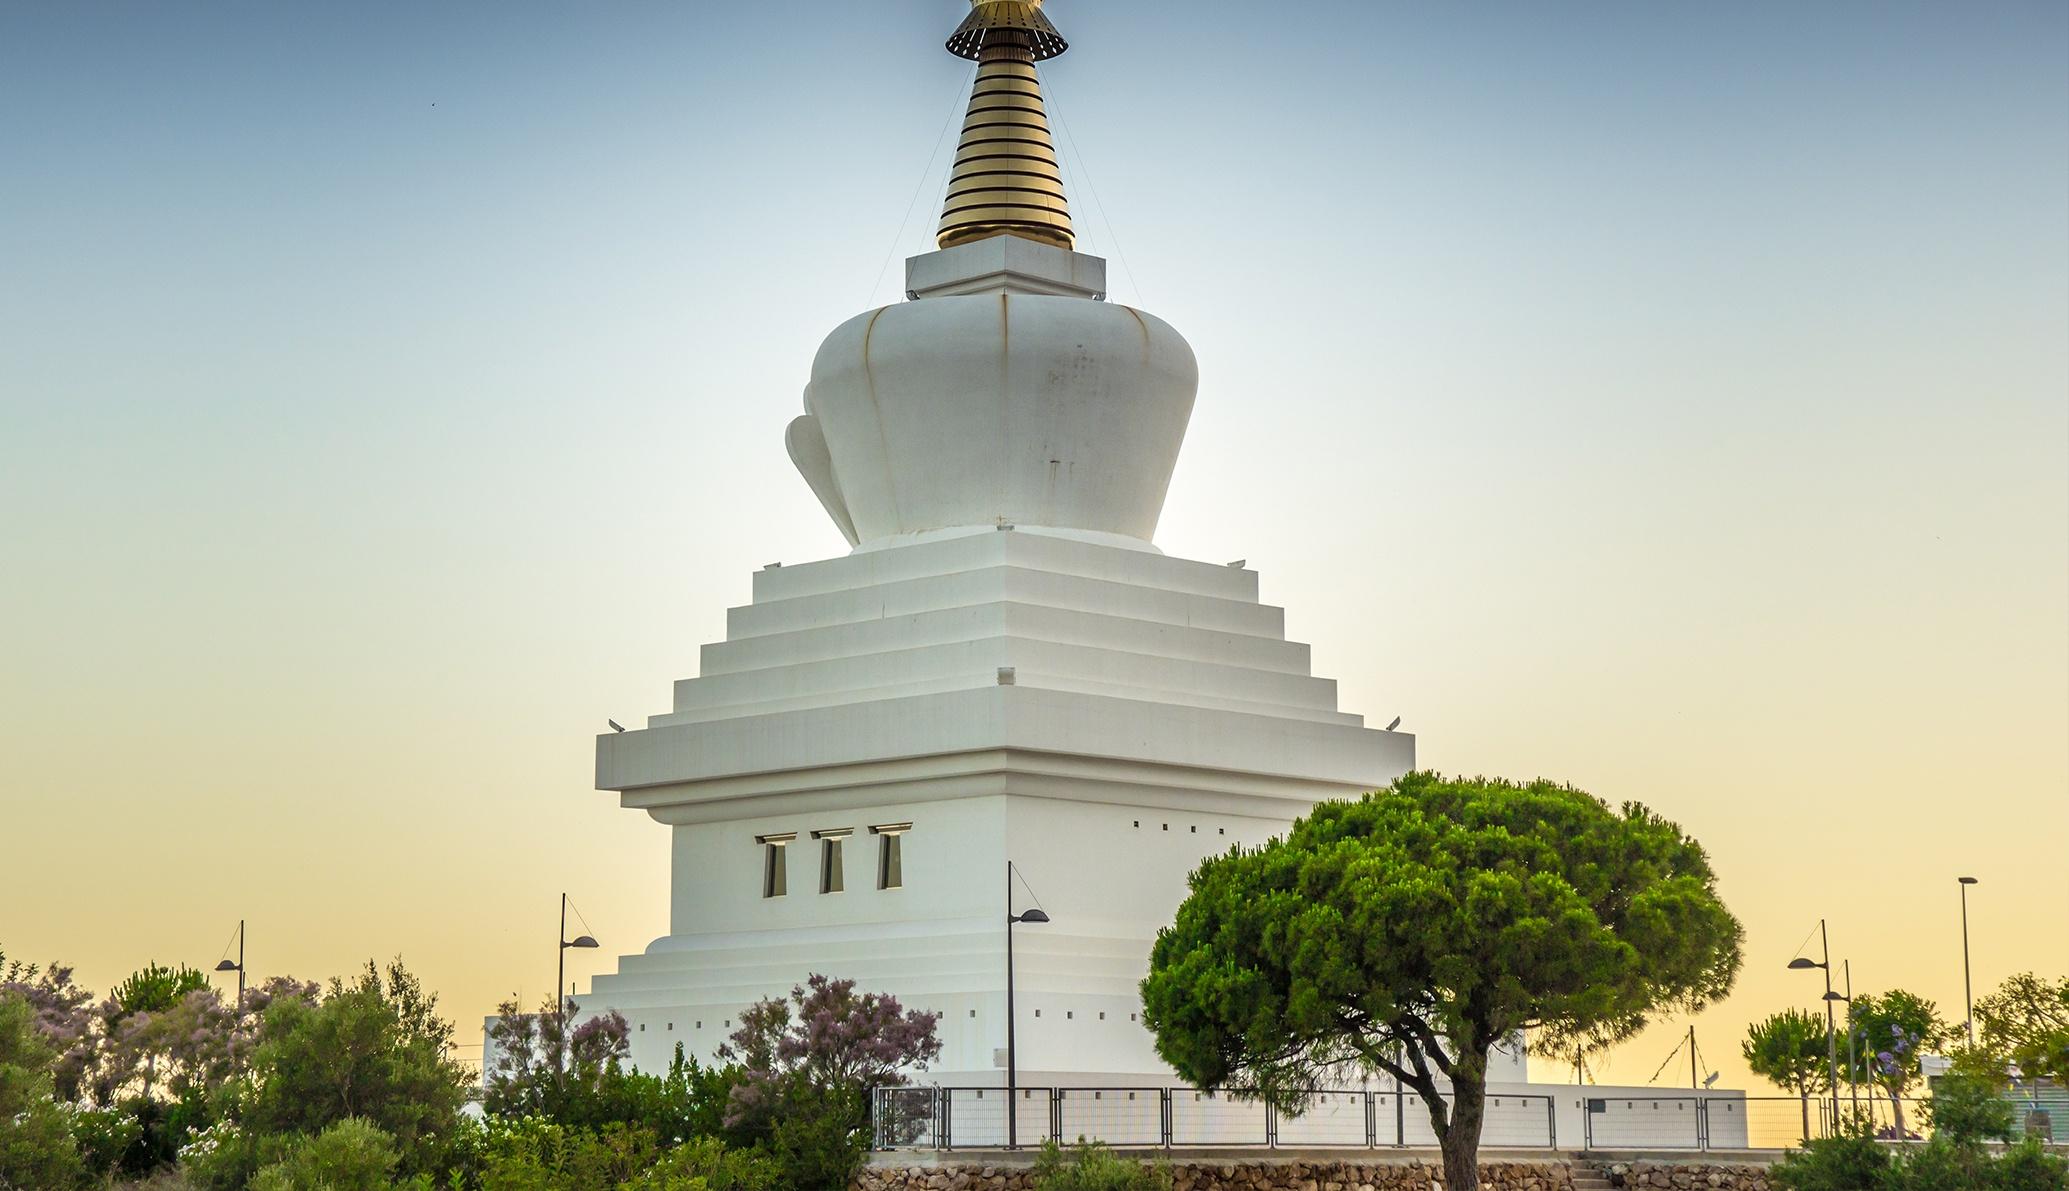 Der größte buddhistische Tempel Europas befindet sich in Benalmádena